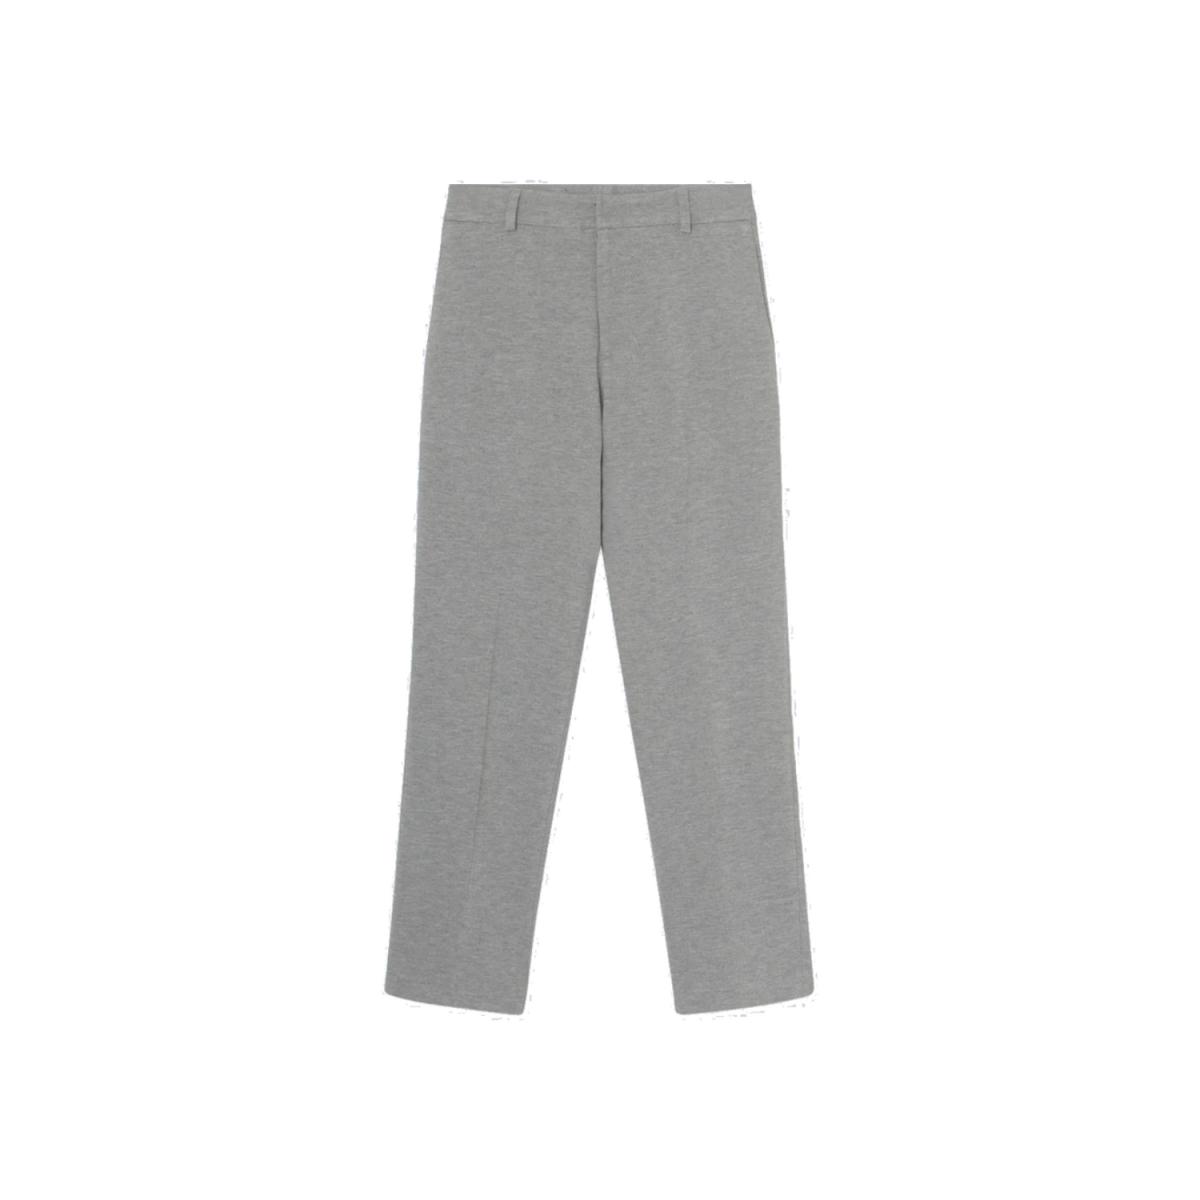 bella bukser - med-grey